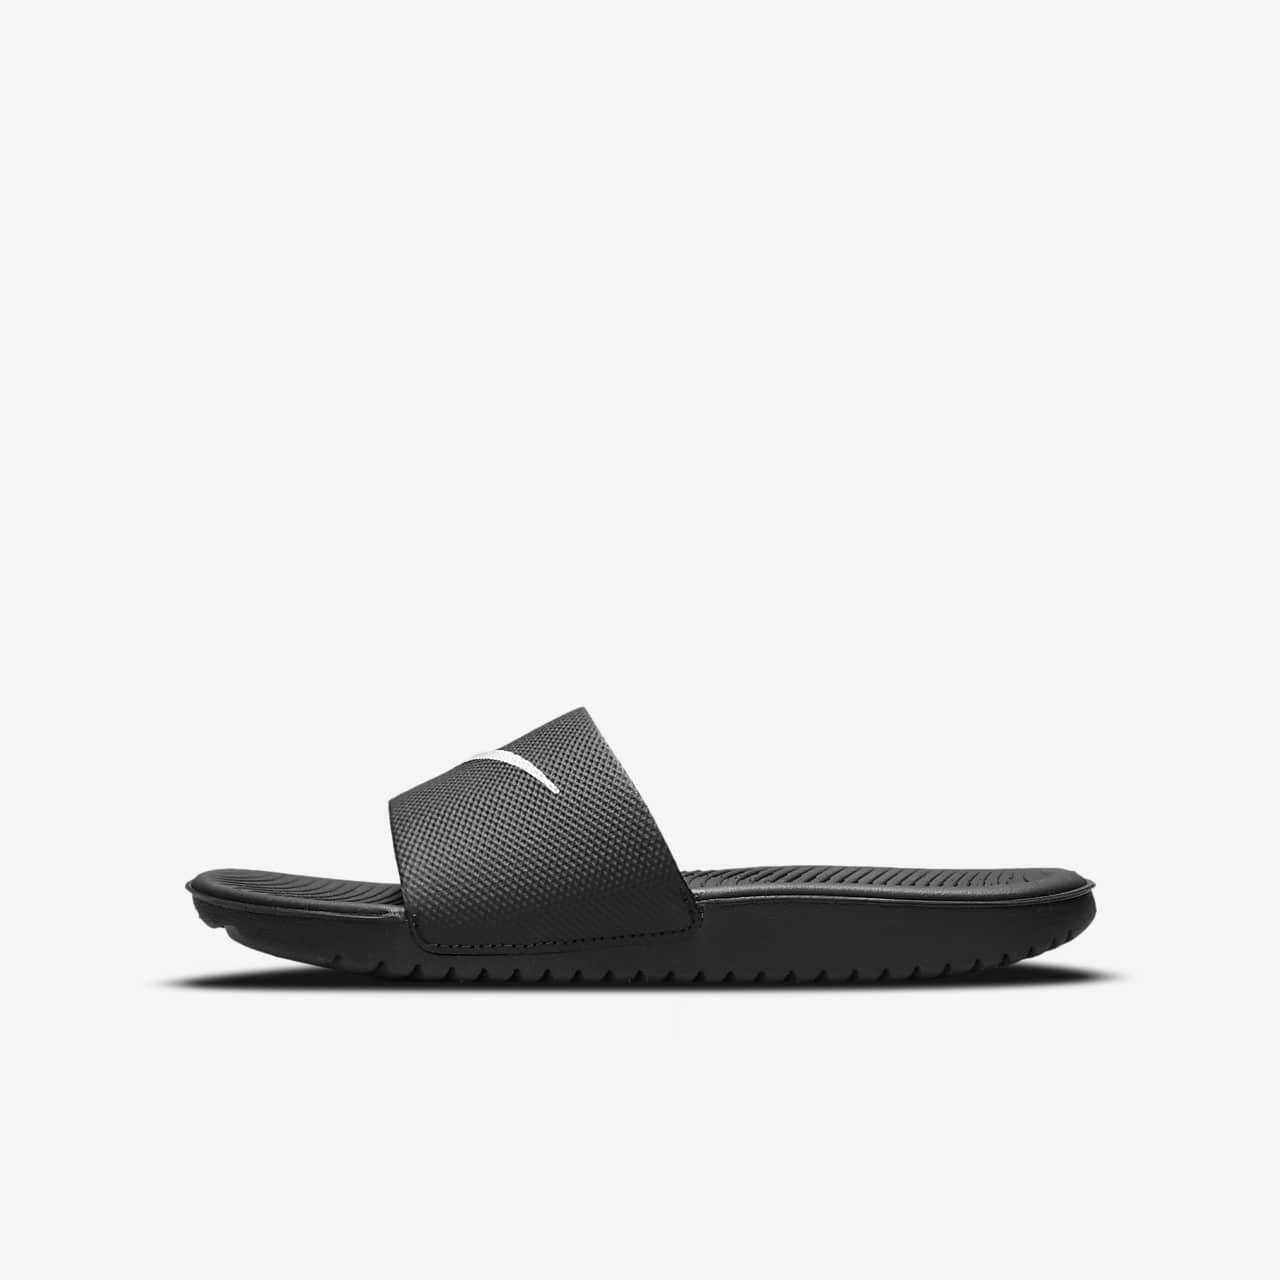 ... Claquette Nike Kawa pour Jeune enfant/Enfant plus âgé